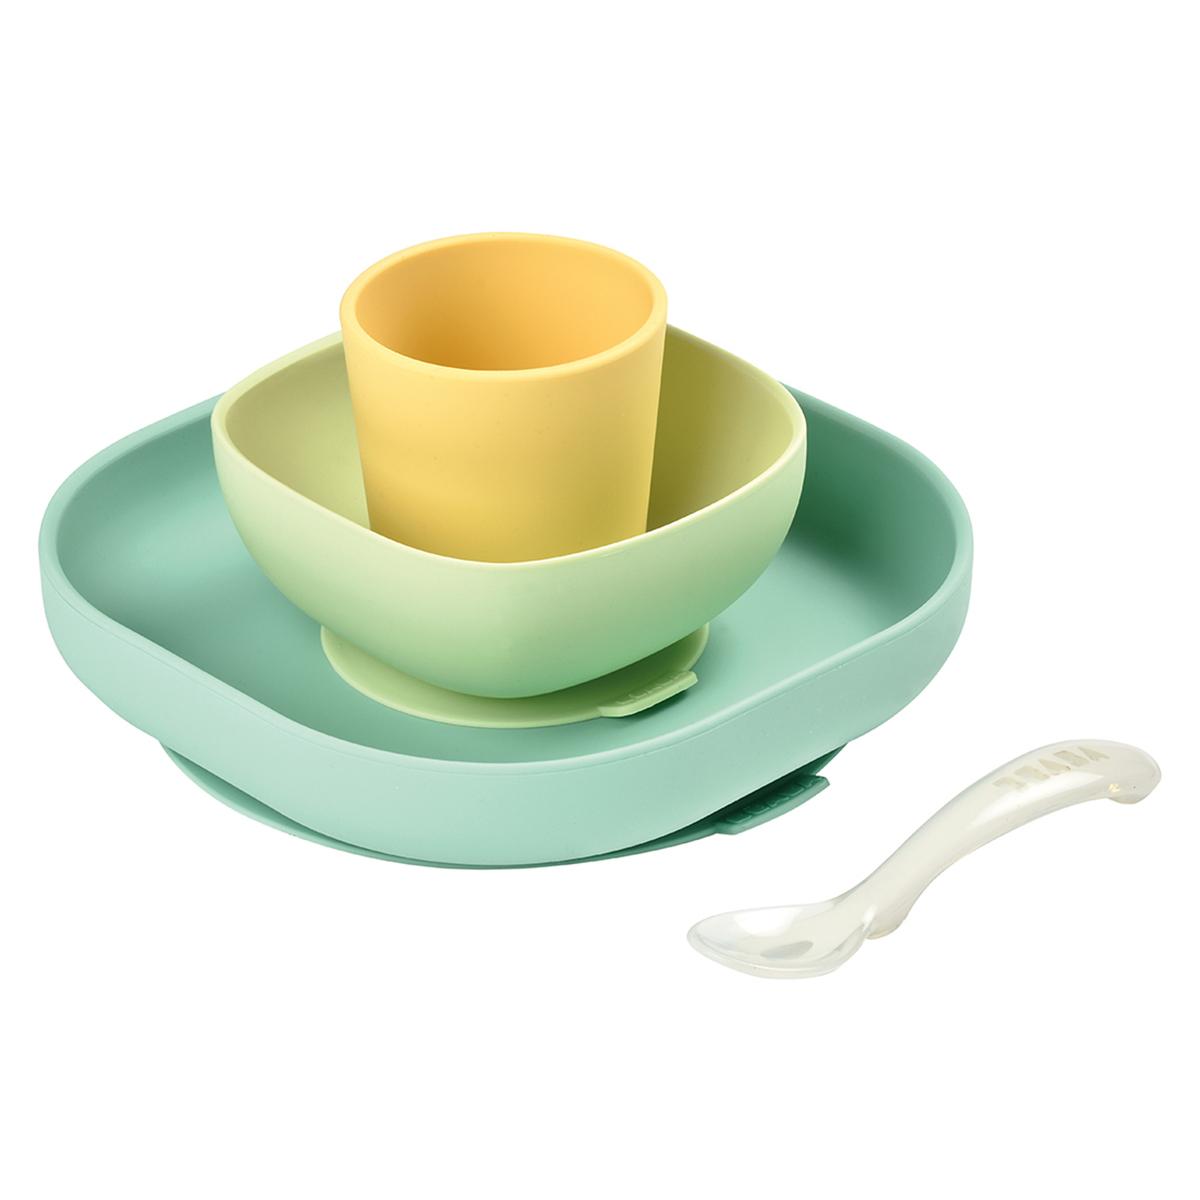 Coffret repas Set de Vaisselle 4 Pièces - Yellow Set de Vaisselle 4 Pièces - Yellow